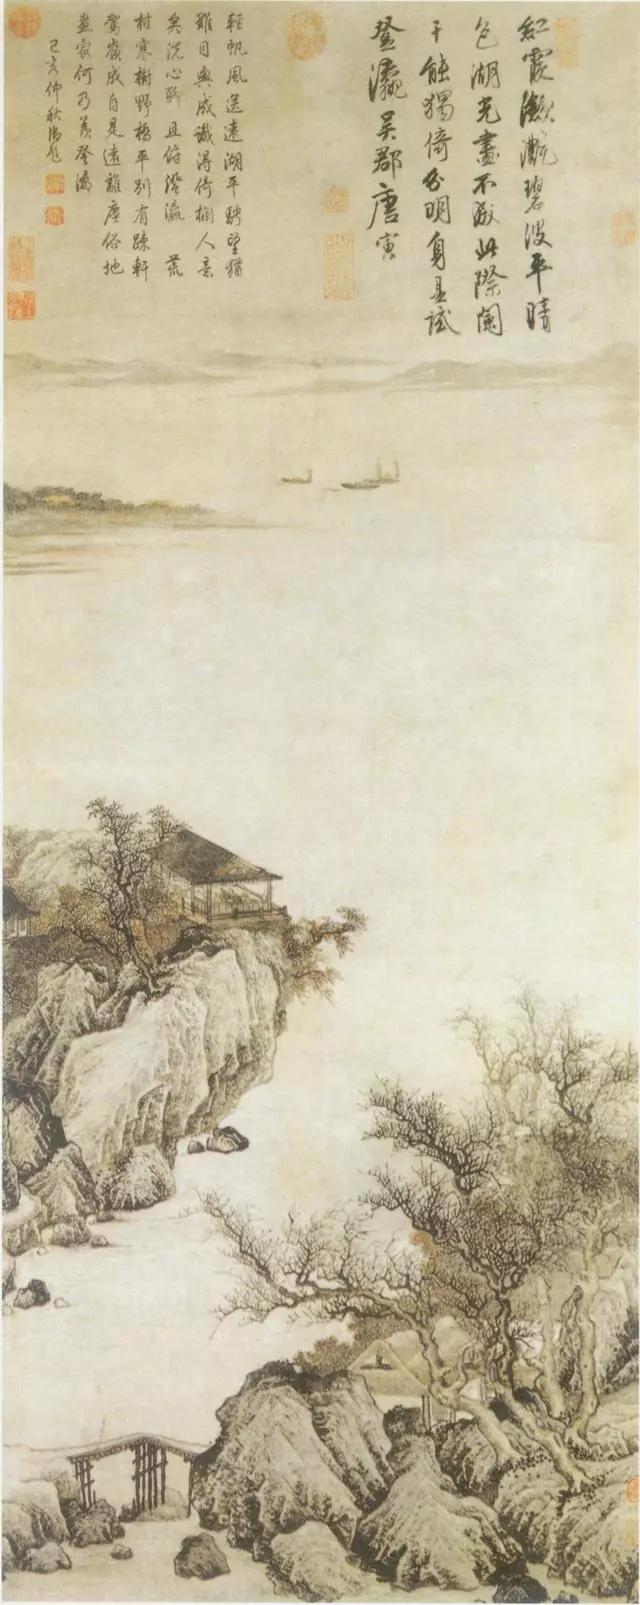 唐寅 湖山一览图 中国美术馆藏